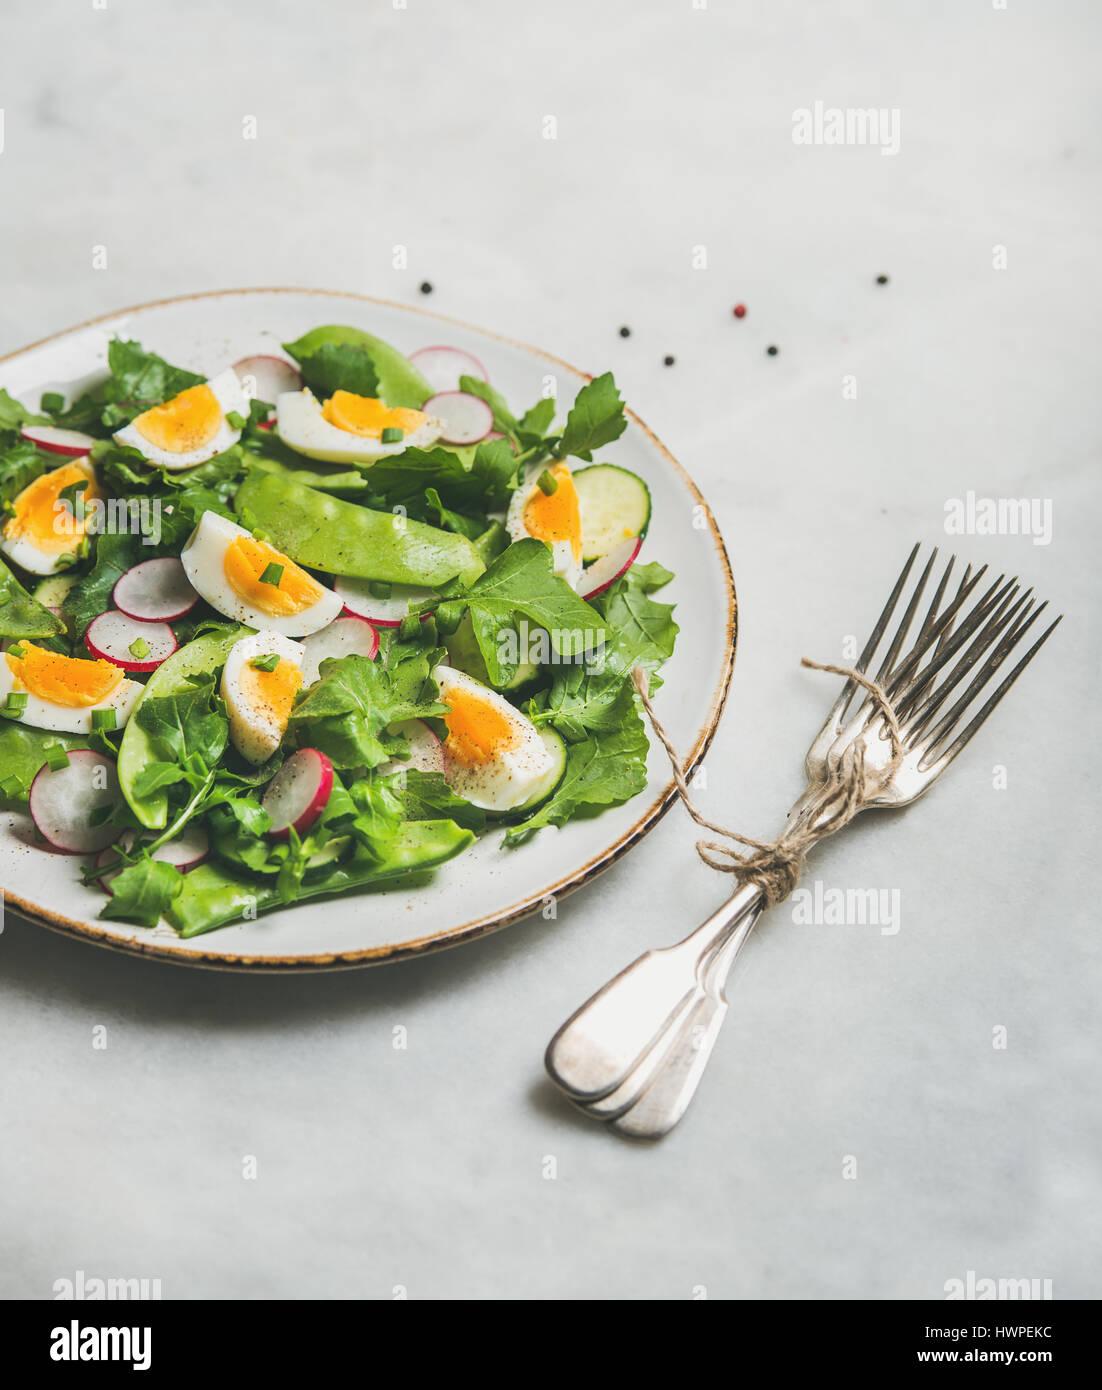 Molla di sana insalata verde con verdure, piselli e uova Immagini Stock